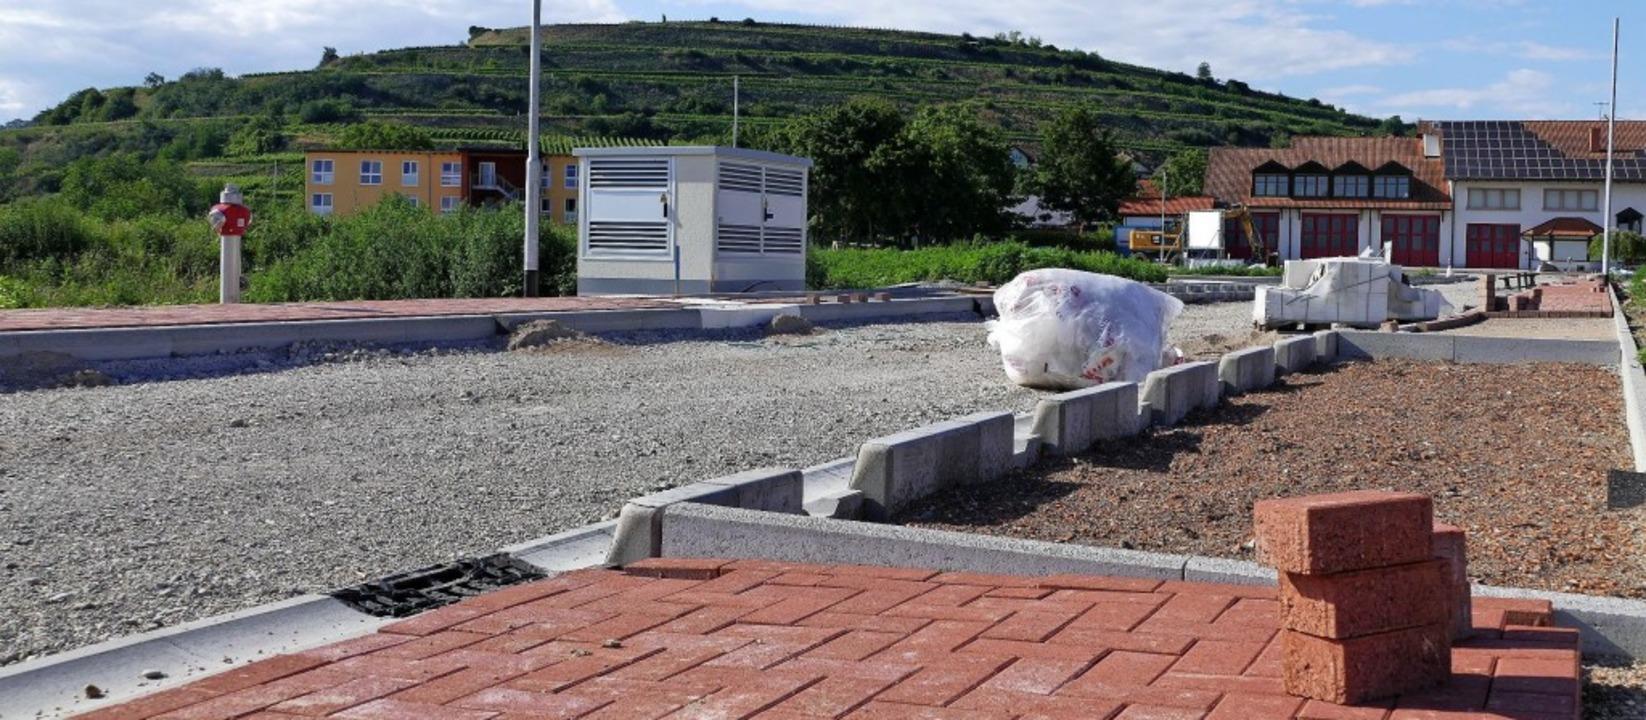 Die Erschließung des Baugebietes Kaibengasse in Ihringen kommt voran.  | Foto: Claudia Müller